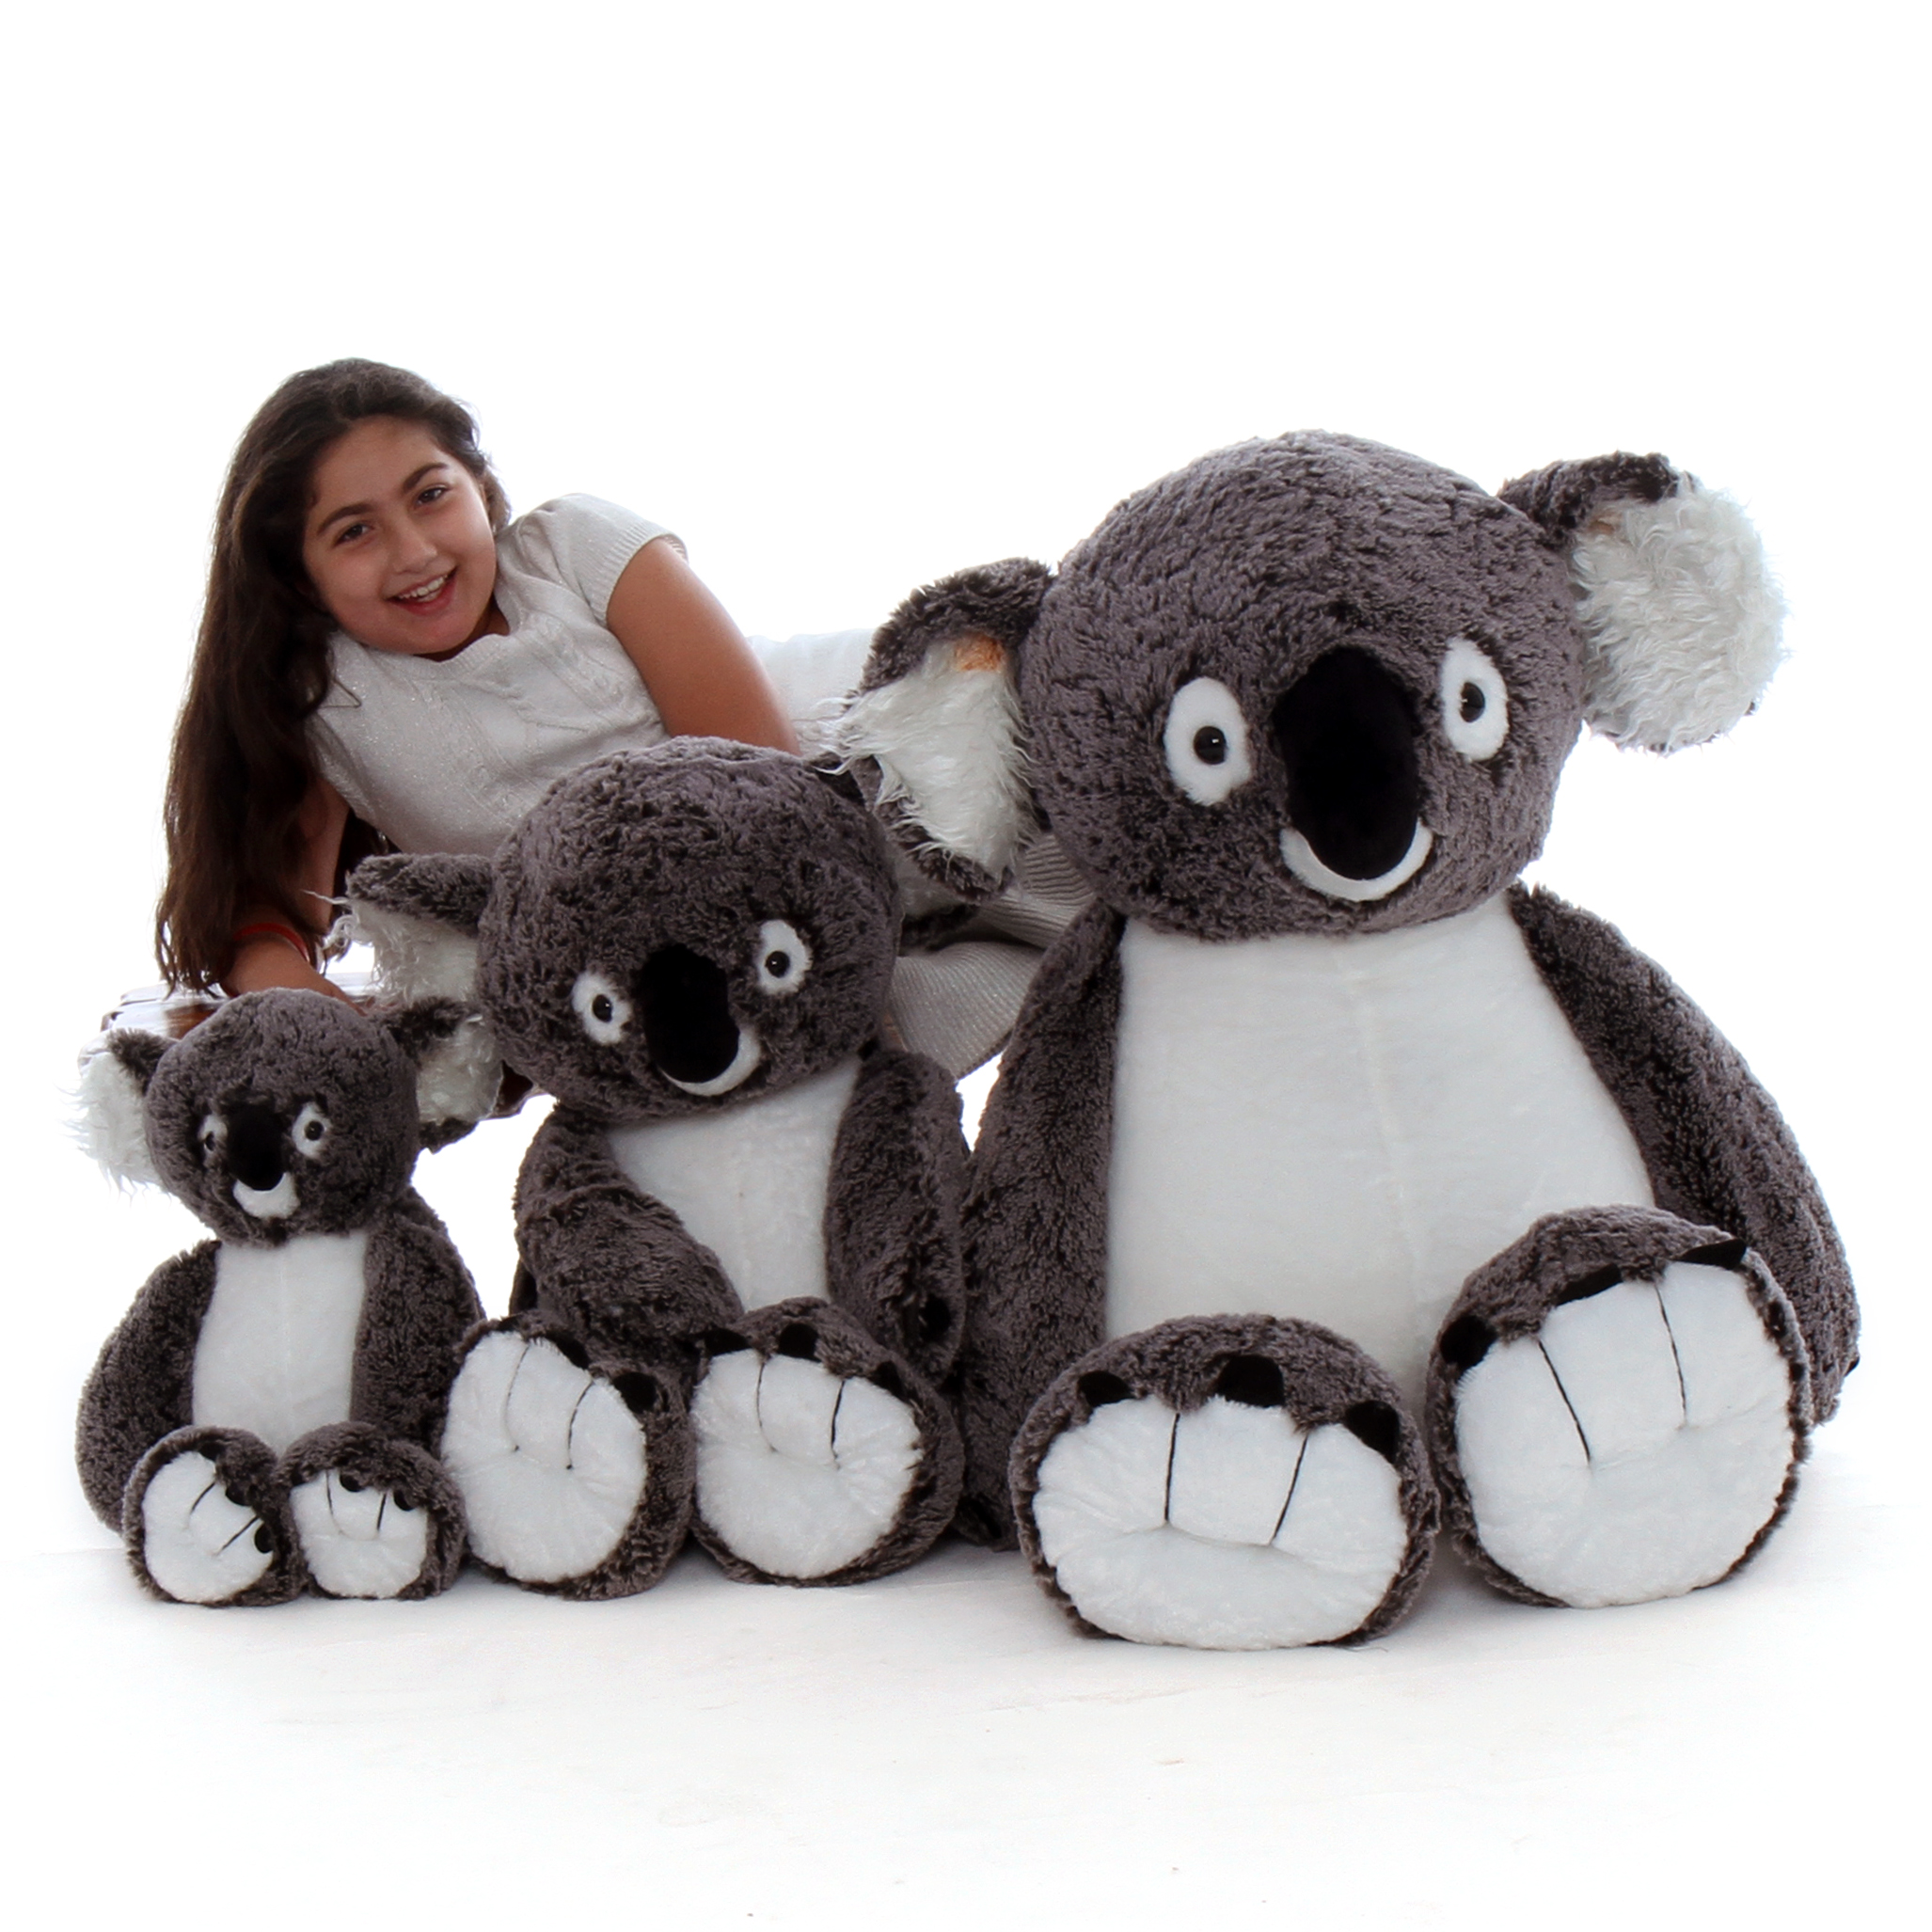 stuffed koala giant teddy